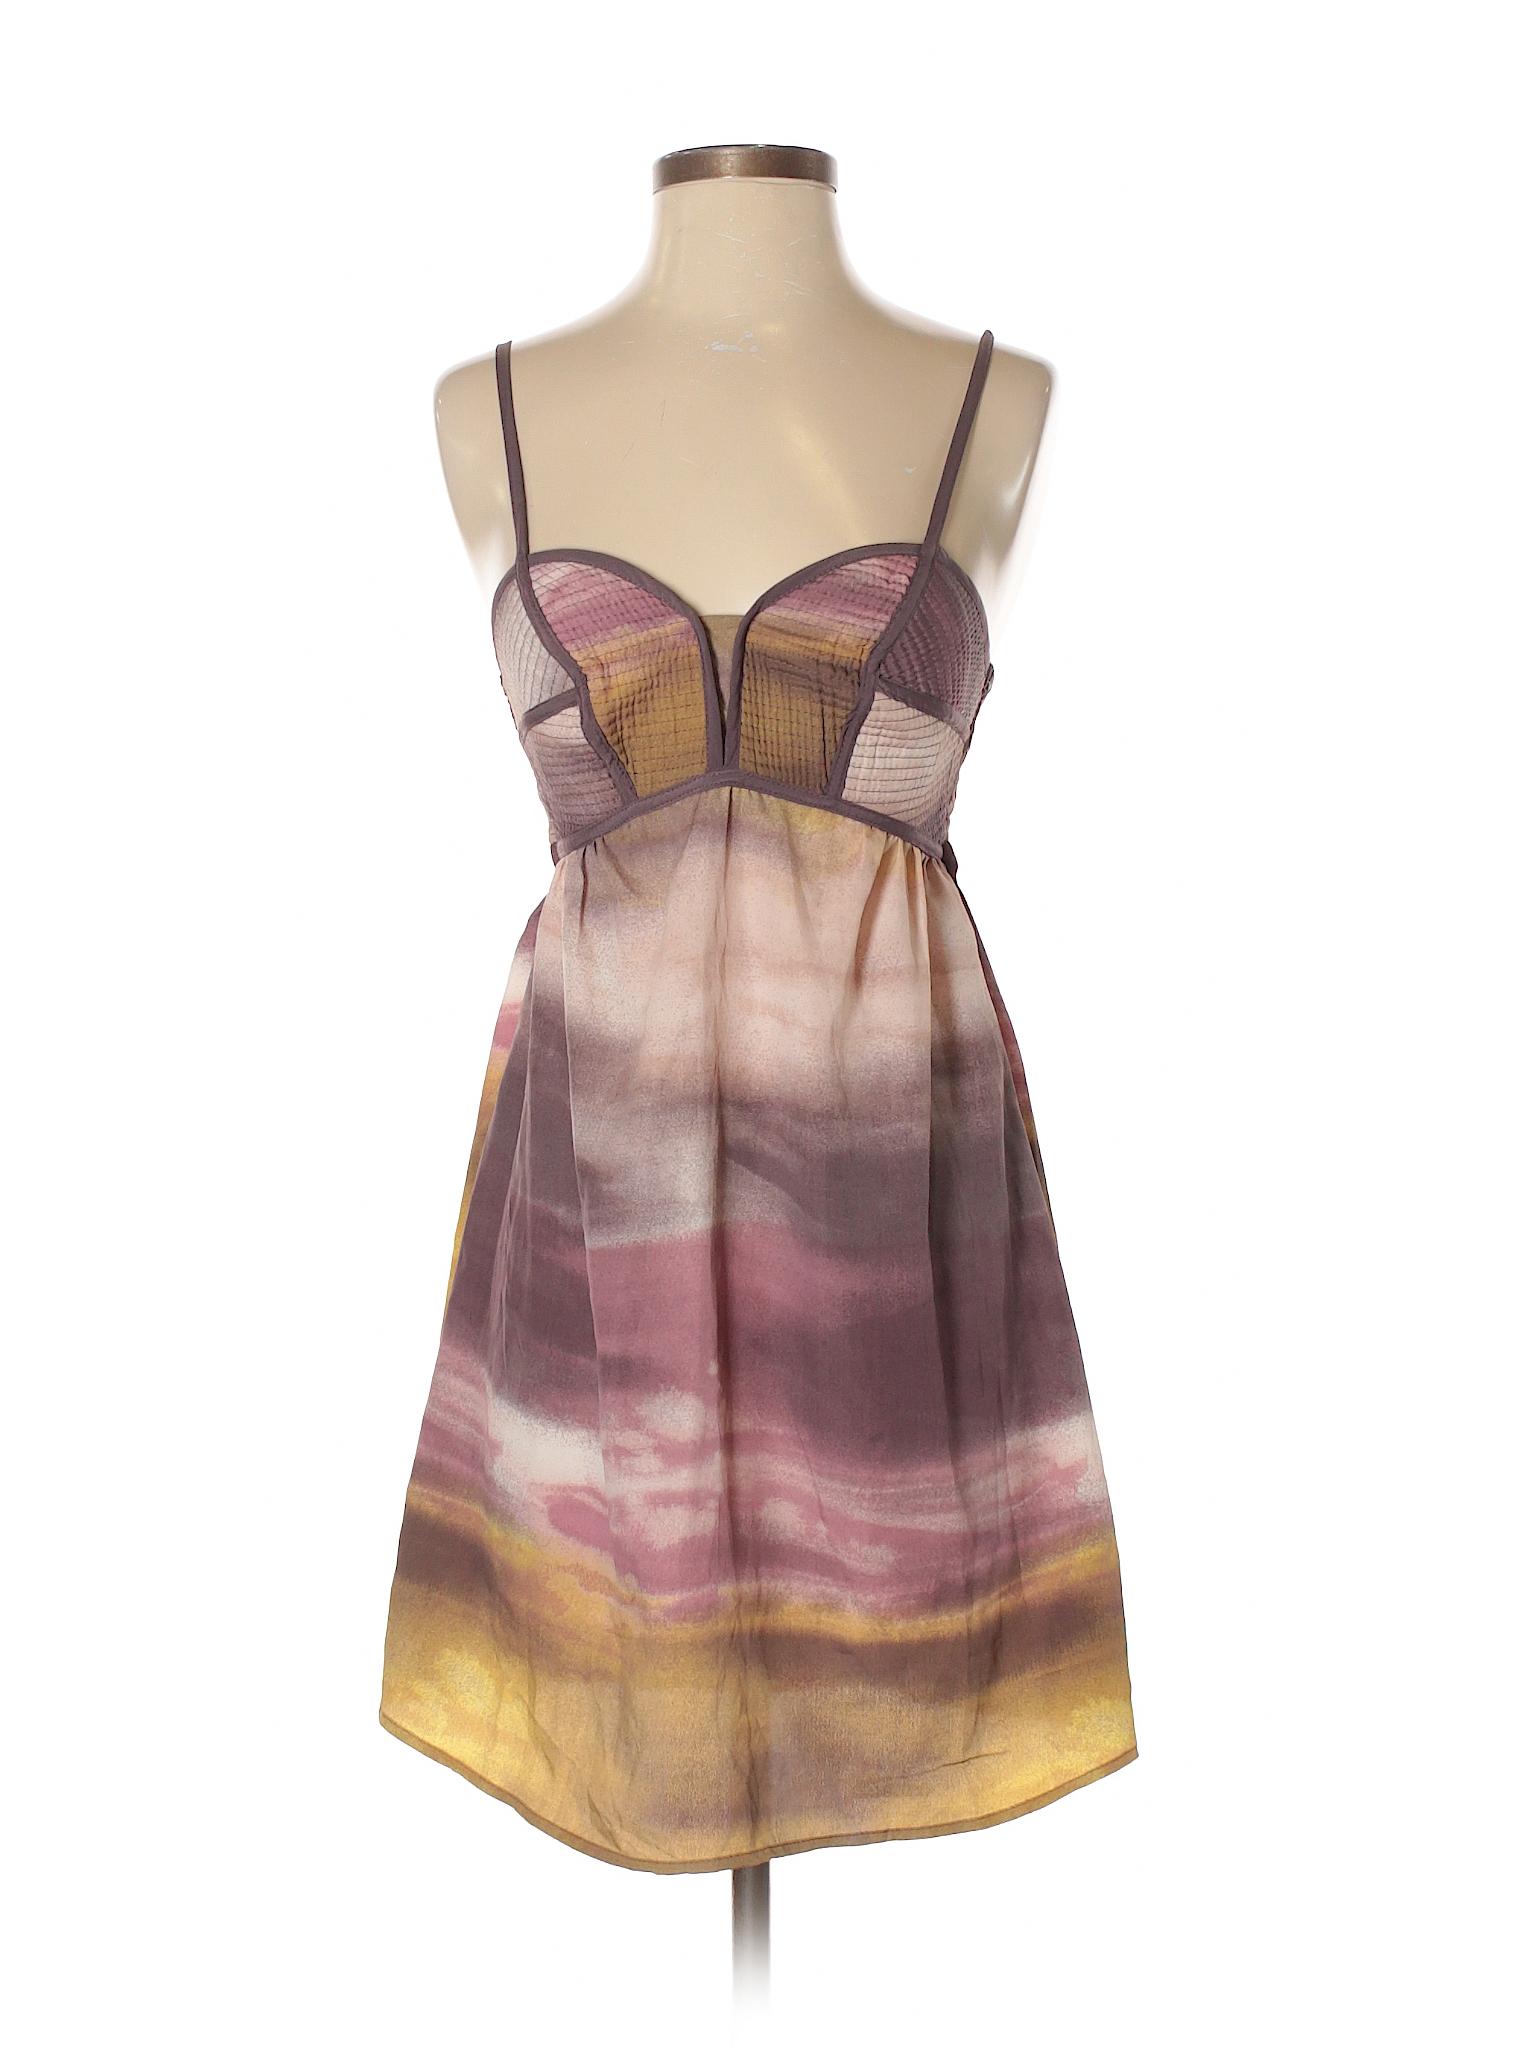 Casual Boutique Casual Xhilaration Xhilaration Dress winter winter Boutique OqwgndU